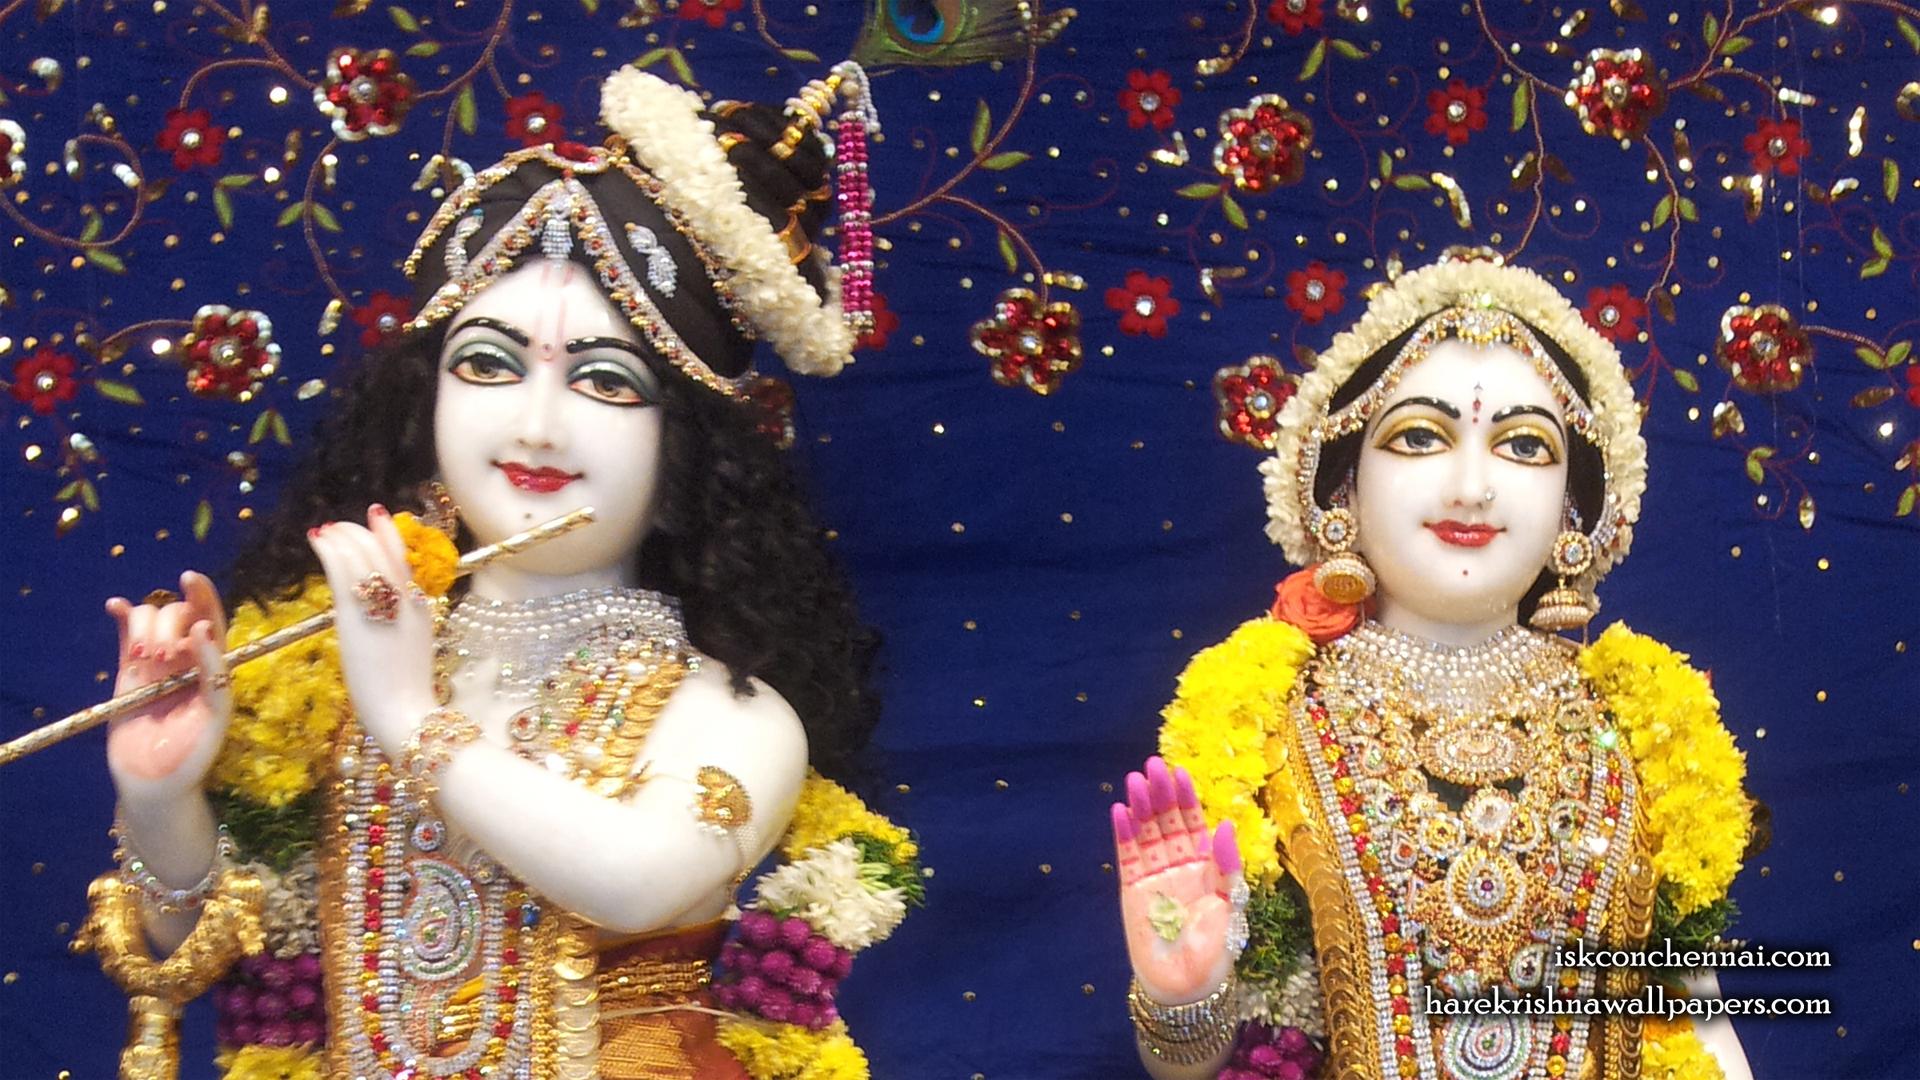 Sri Sri Radha Krishna Close up Wallpaper (002) Size 1920x1080 Download